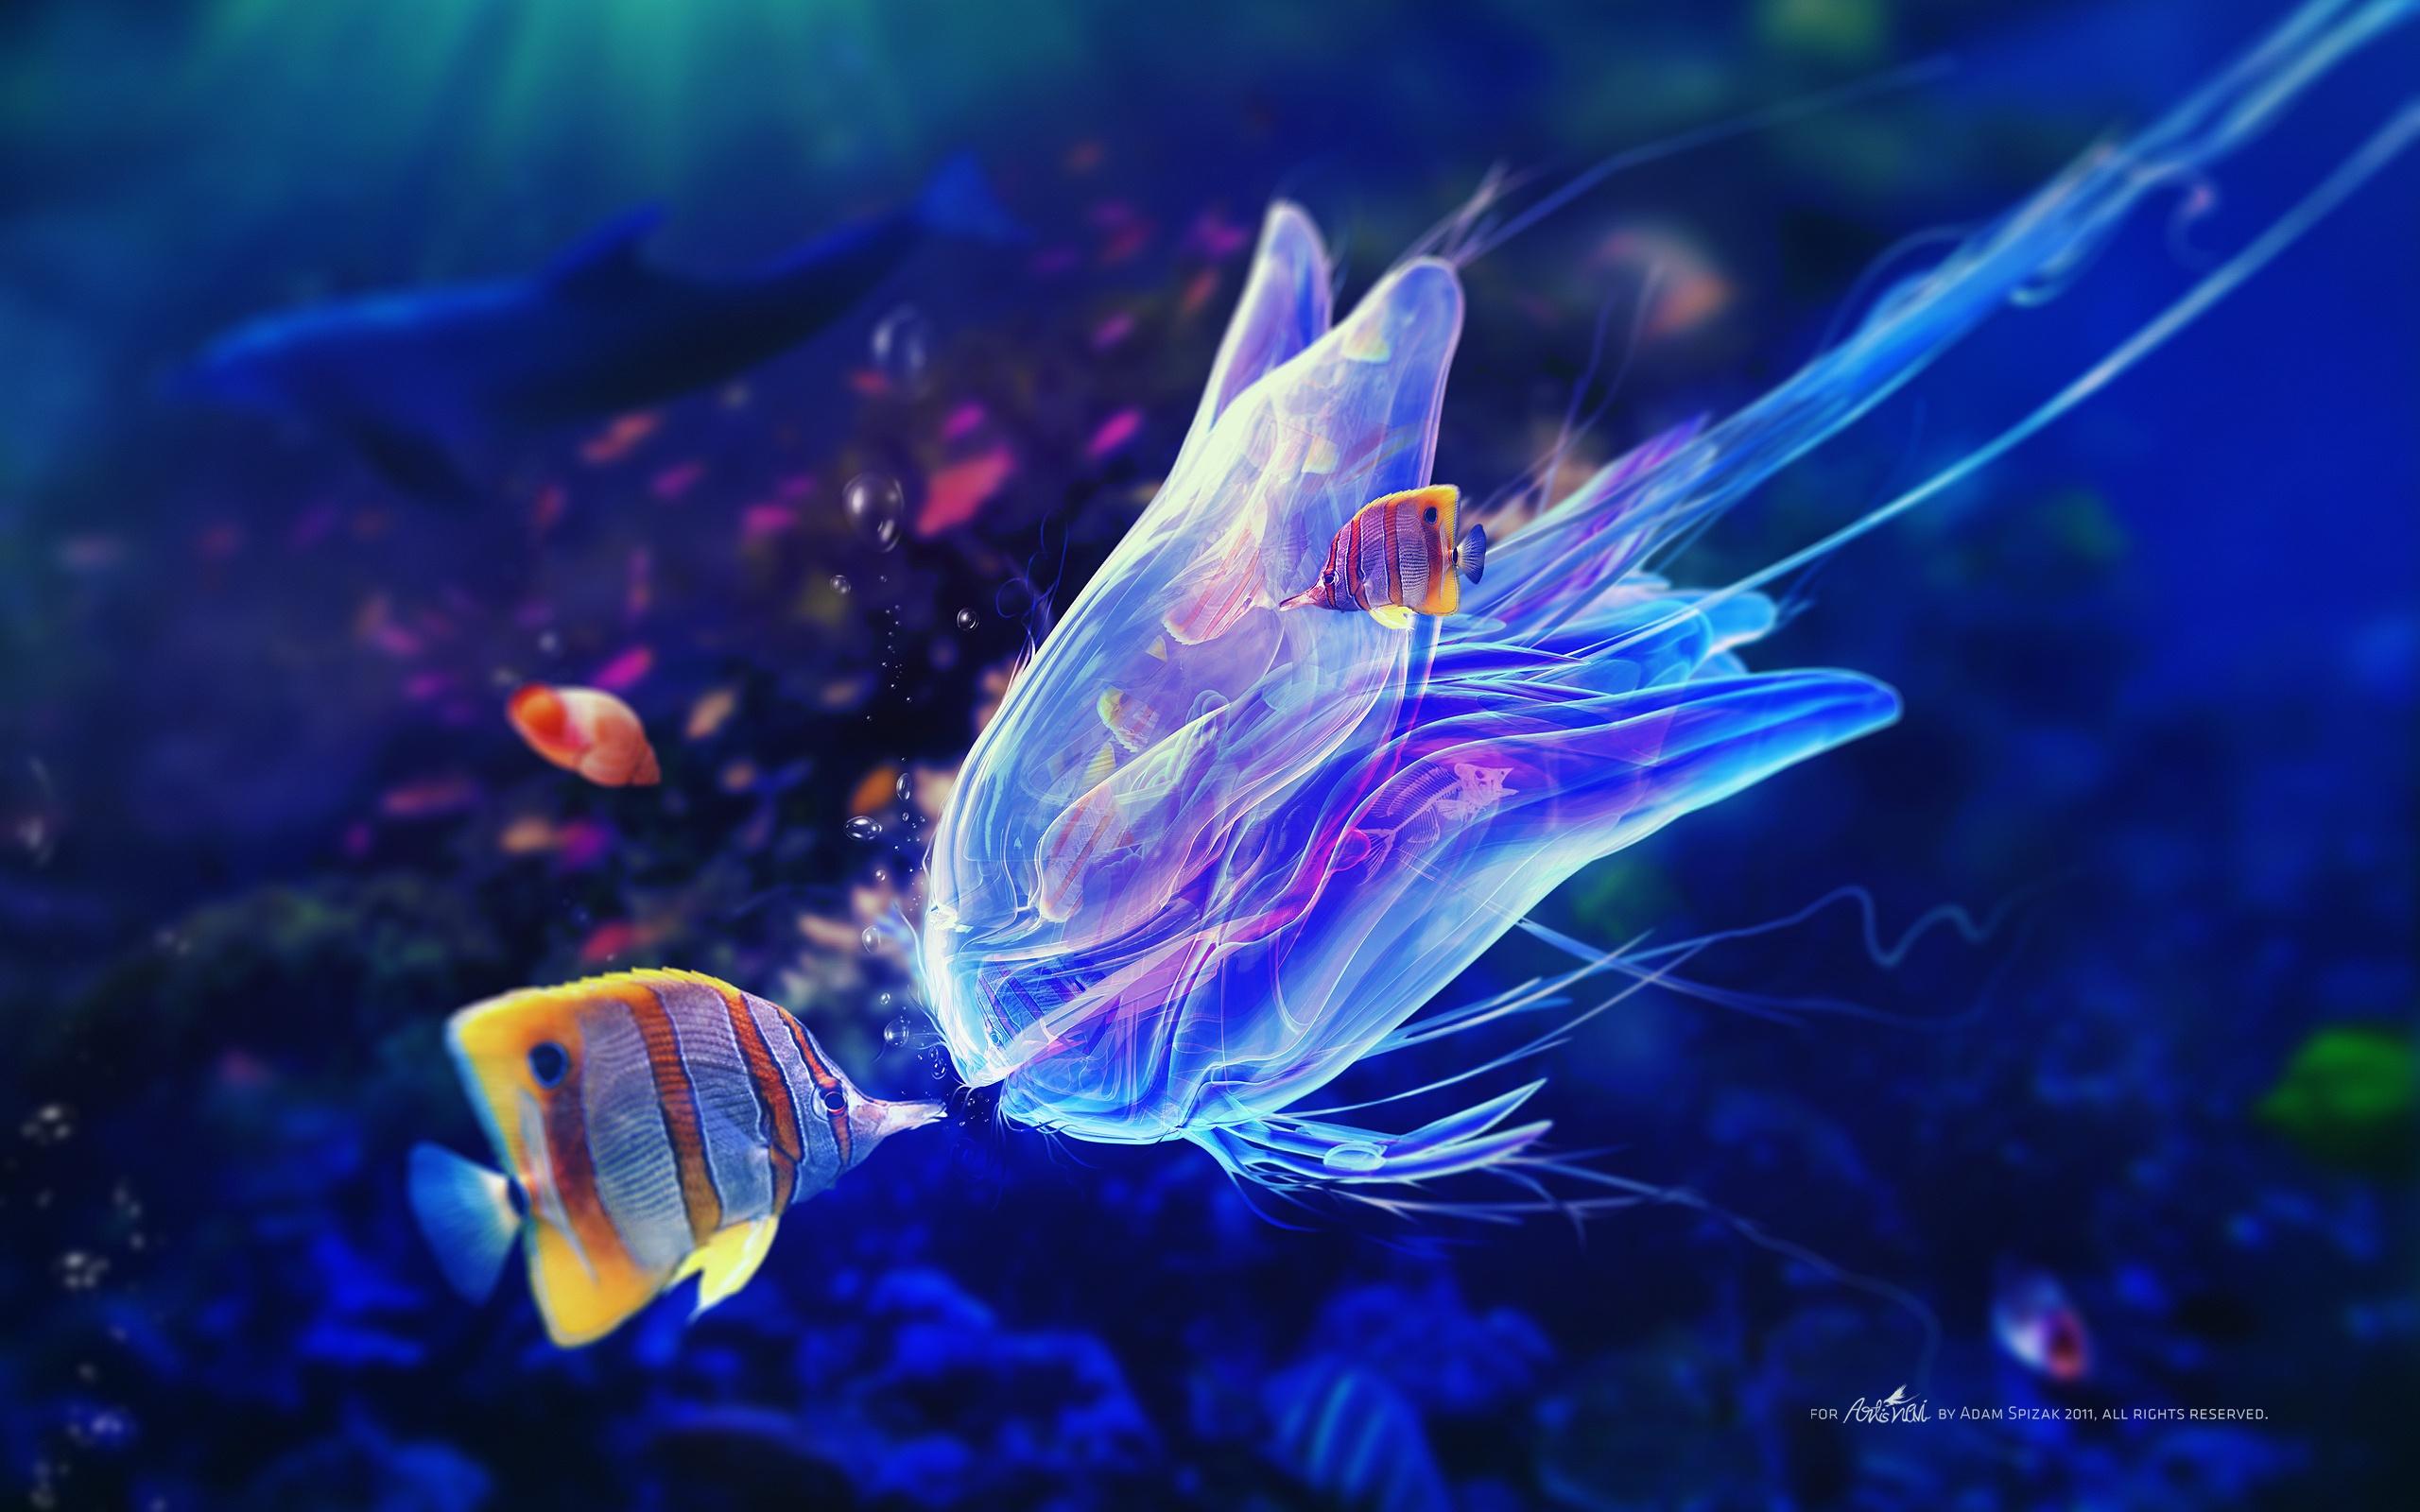 Wallpaper Underwater World Jellyfish And Clown Fish